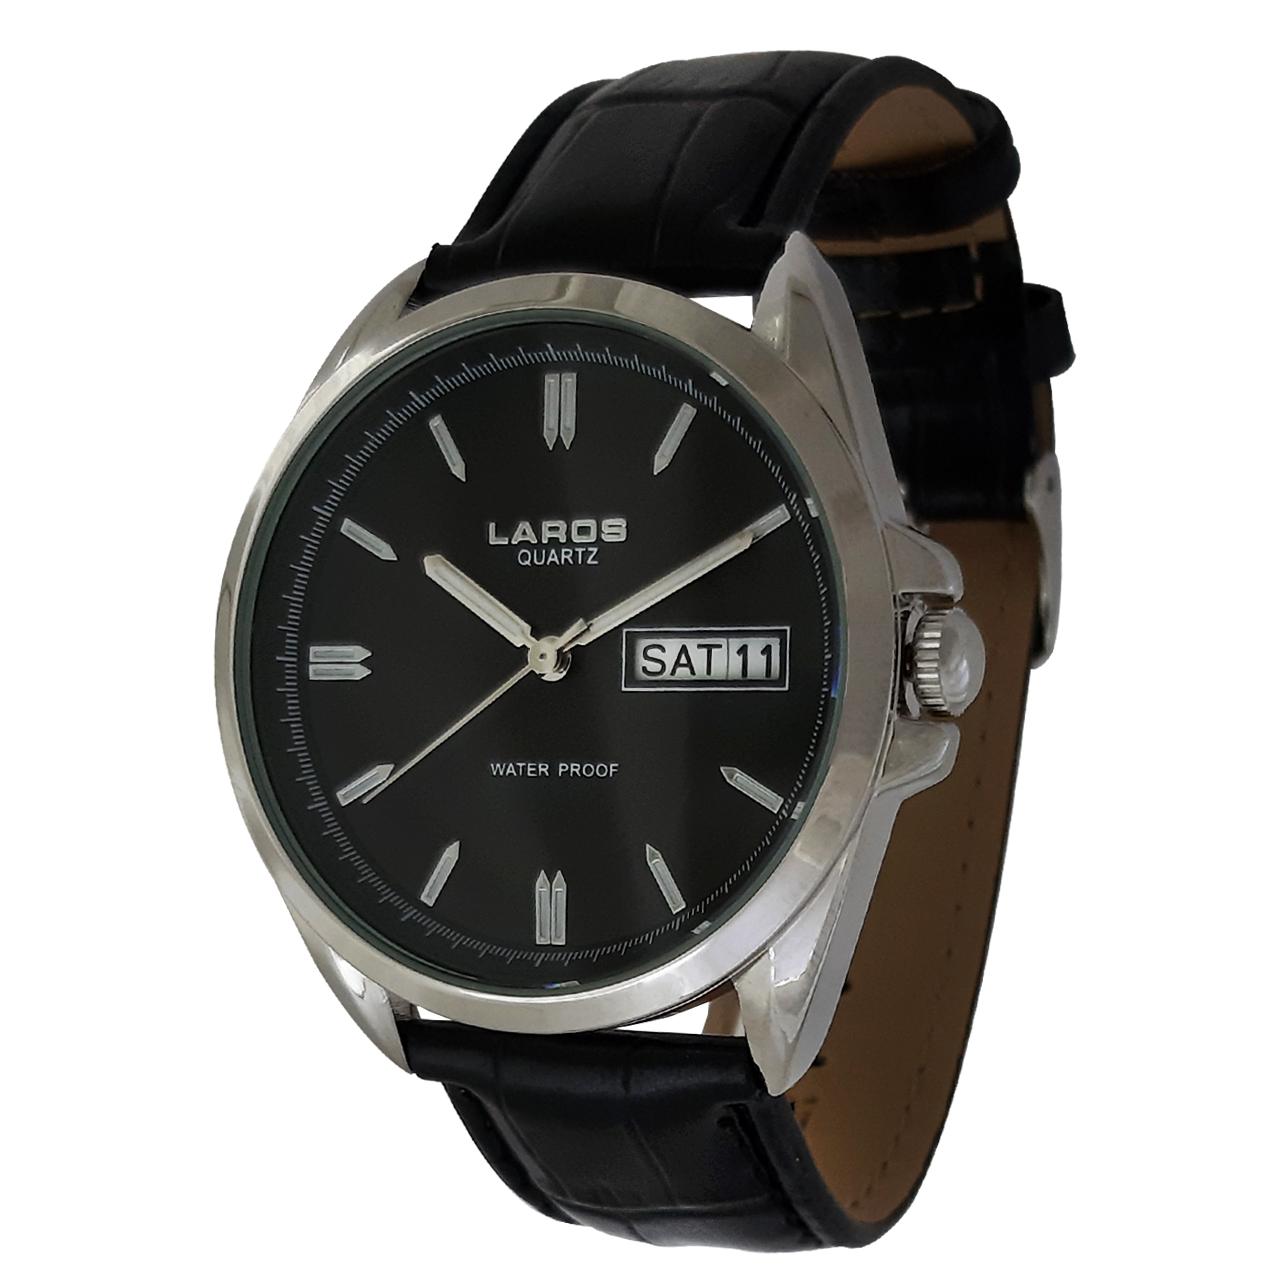 ساعت مچی عقربه ای مردانه لاروس مدل 0917-80089-42-s-dd به همراه دستمال مخصوص برند کلین واچ 25